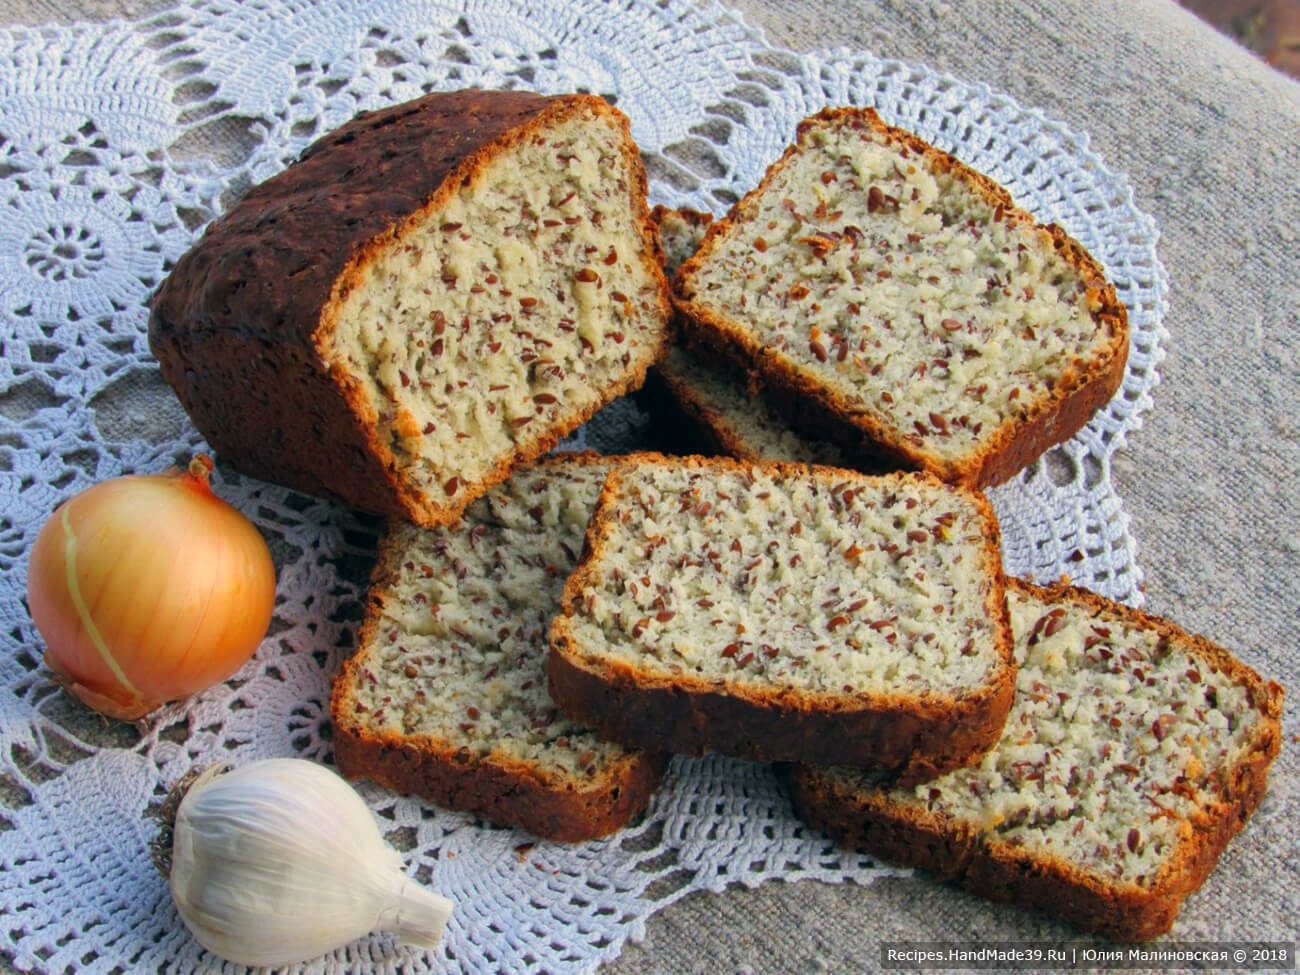 Хлеб на сливках с семенами льна